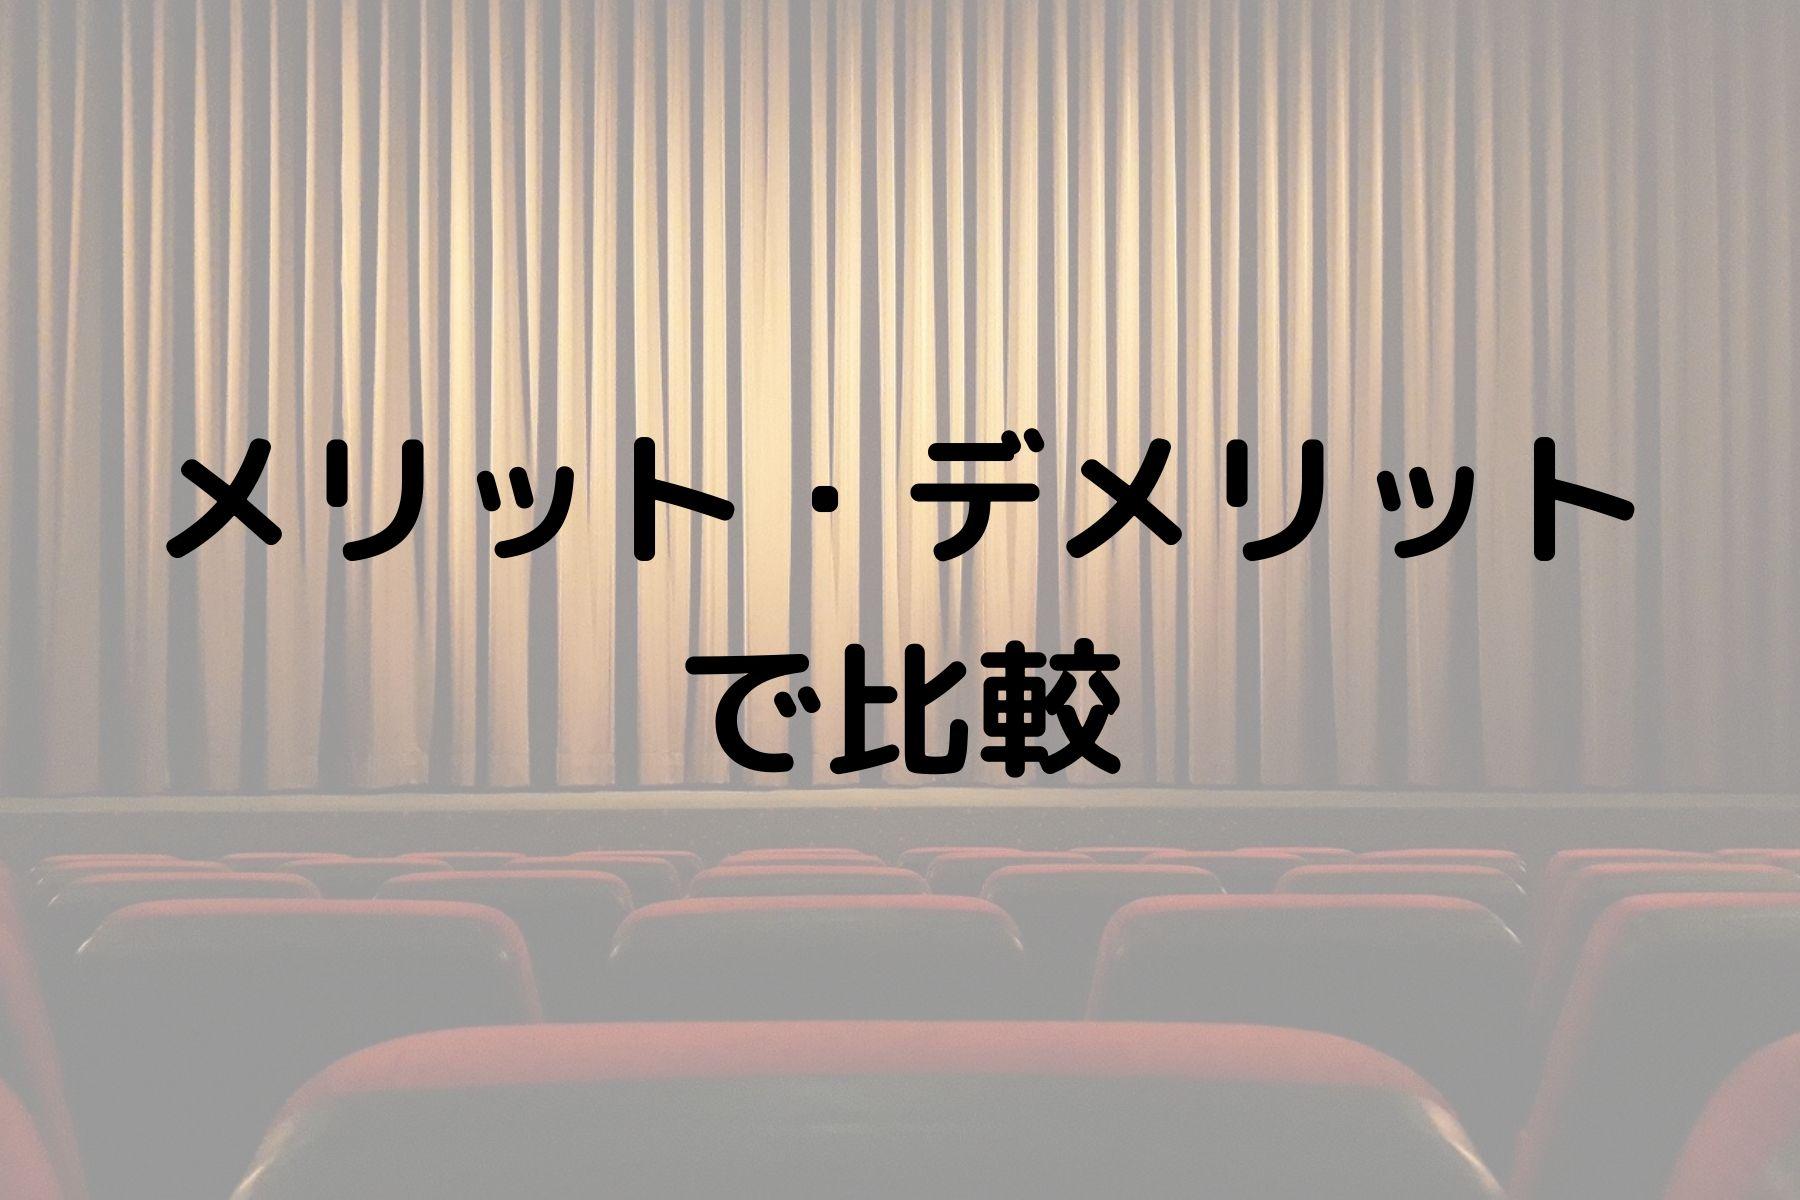 動画配信サービス 〜メリット・デメリット〜